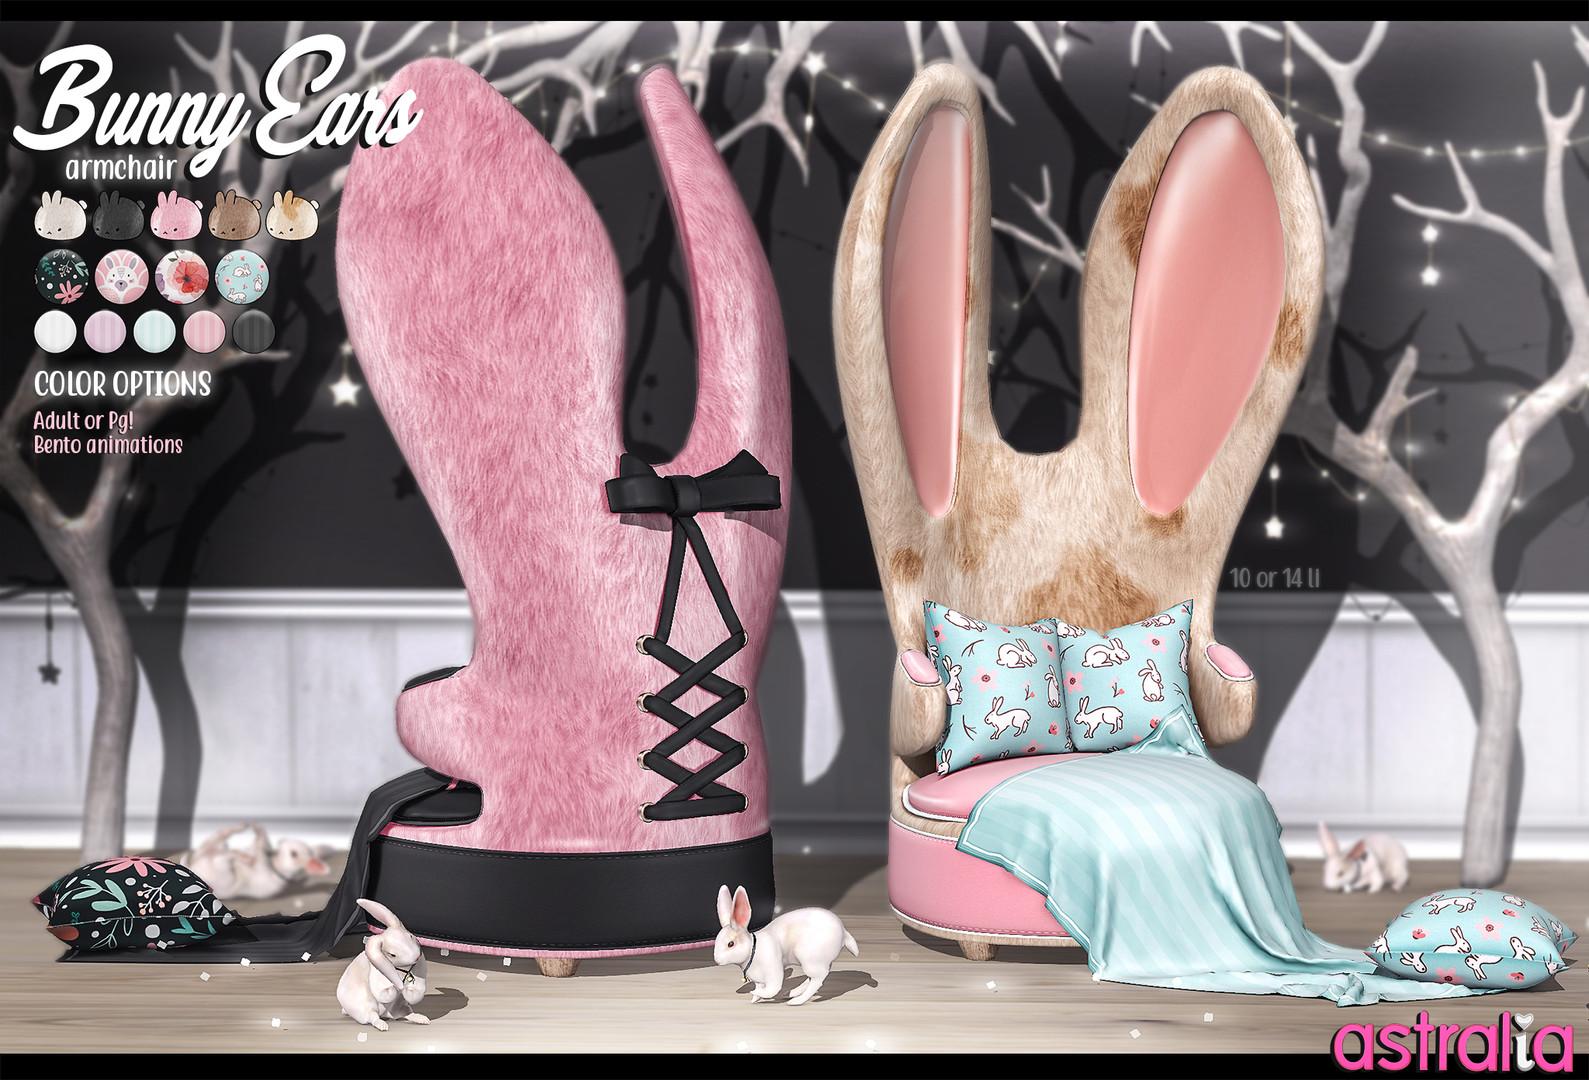 Astralia - Bunny ears armchair SL.jpg